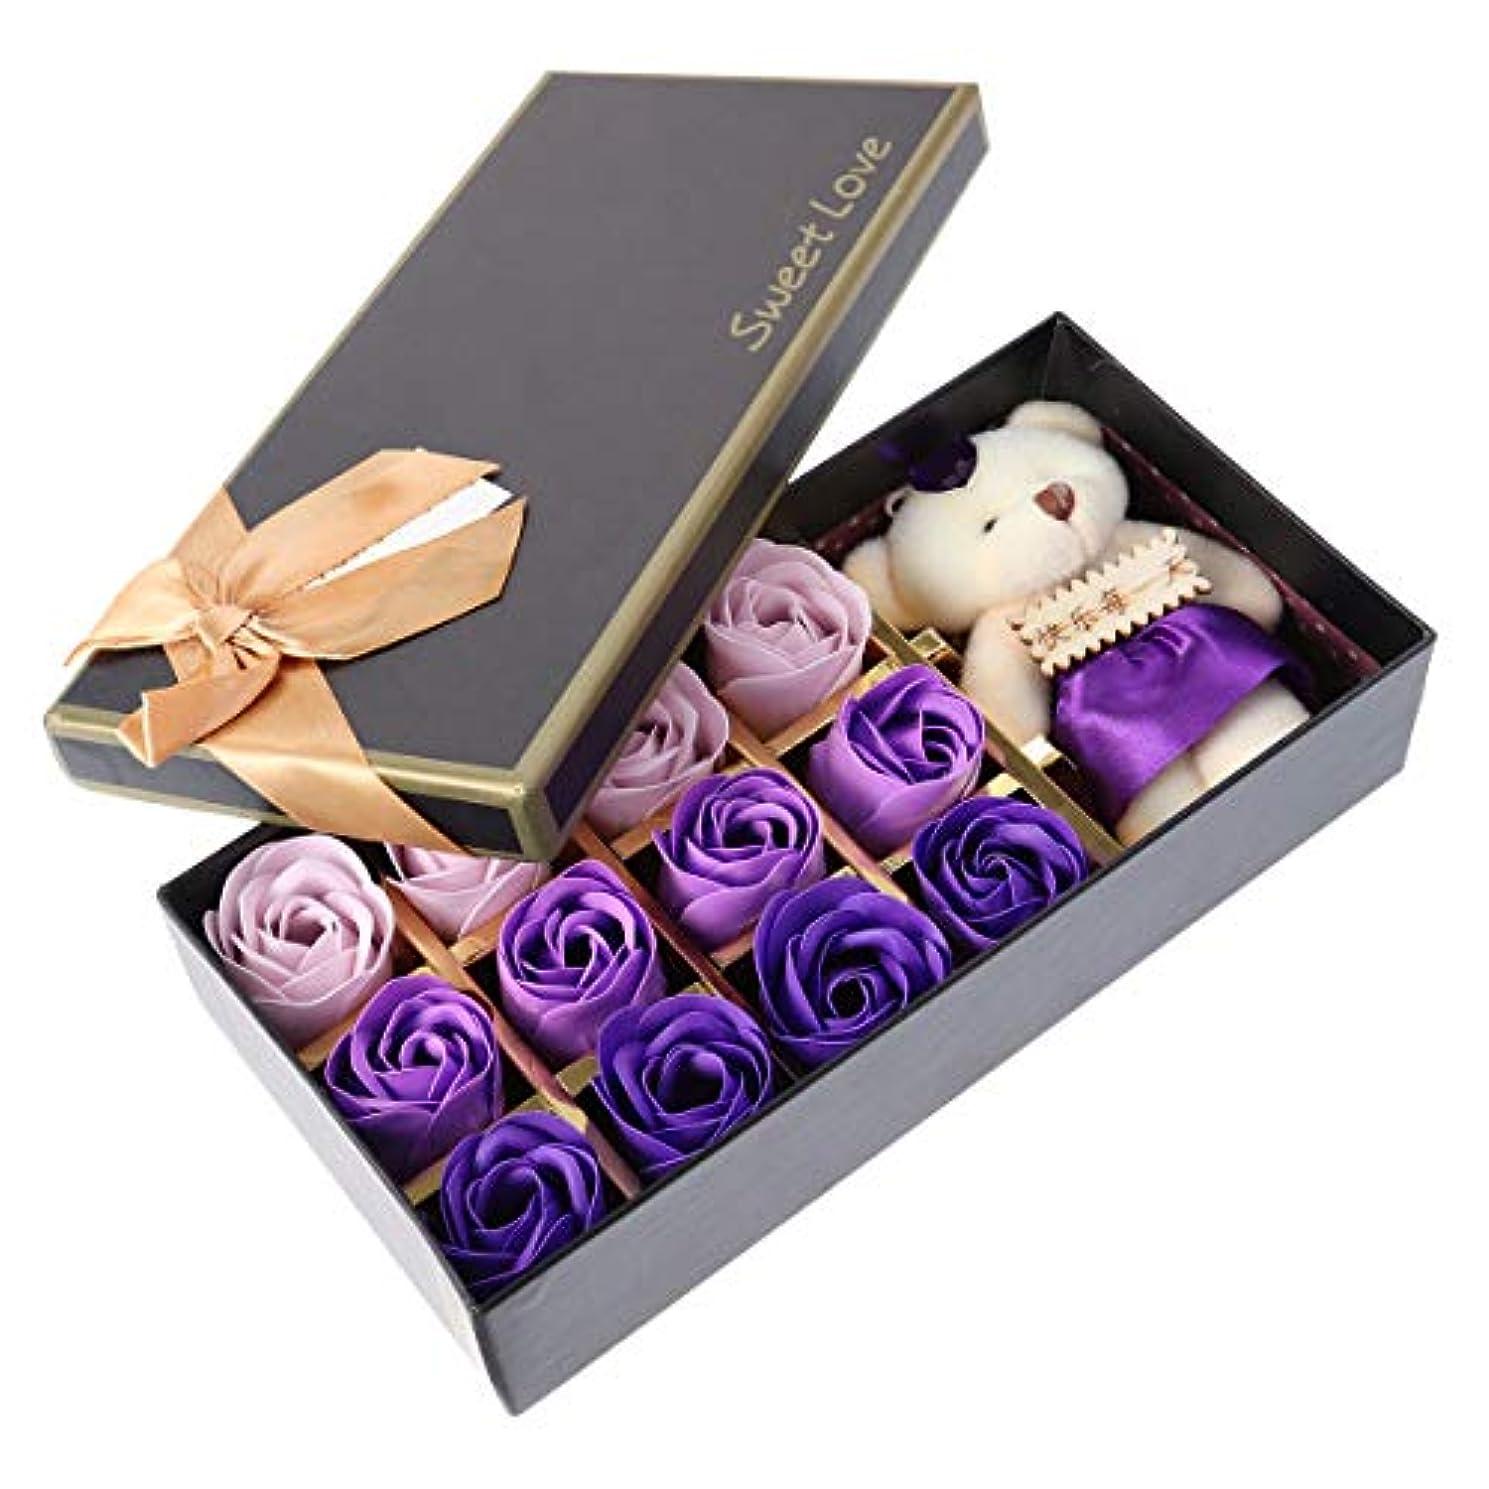 会計士アリーナ拷問Beaupretty バレンタインデーの結婚式の誕生日プレゼントのための小さなクマとバラの石鹸の花